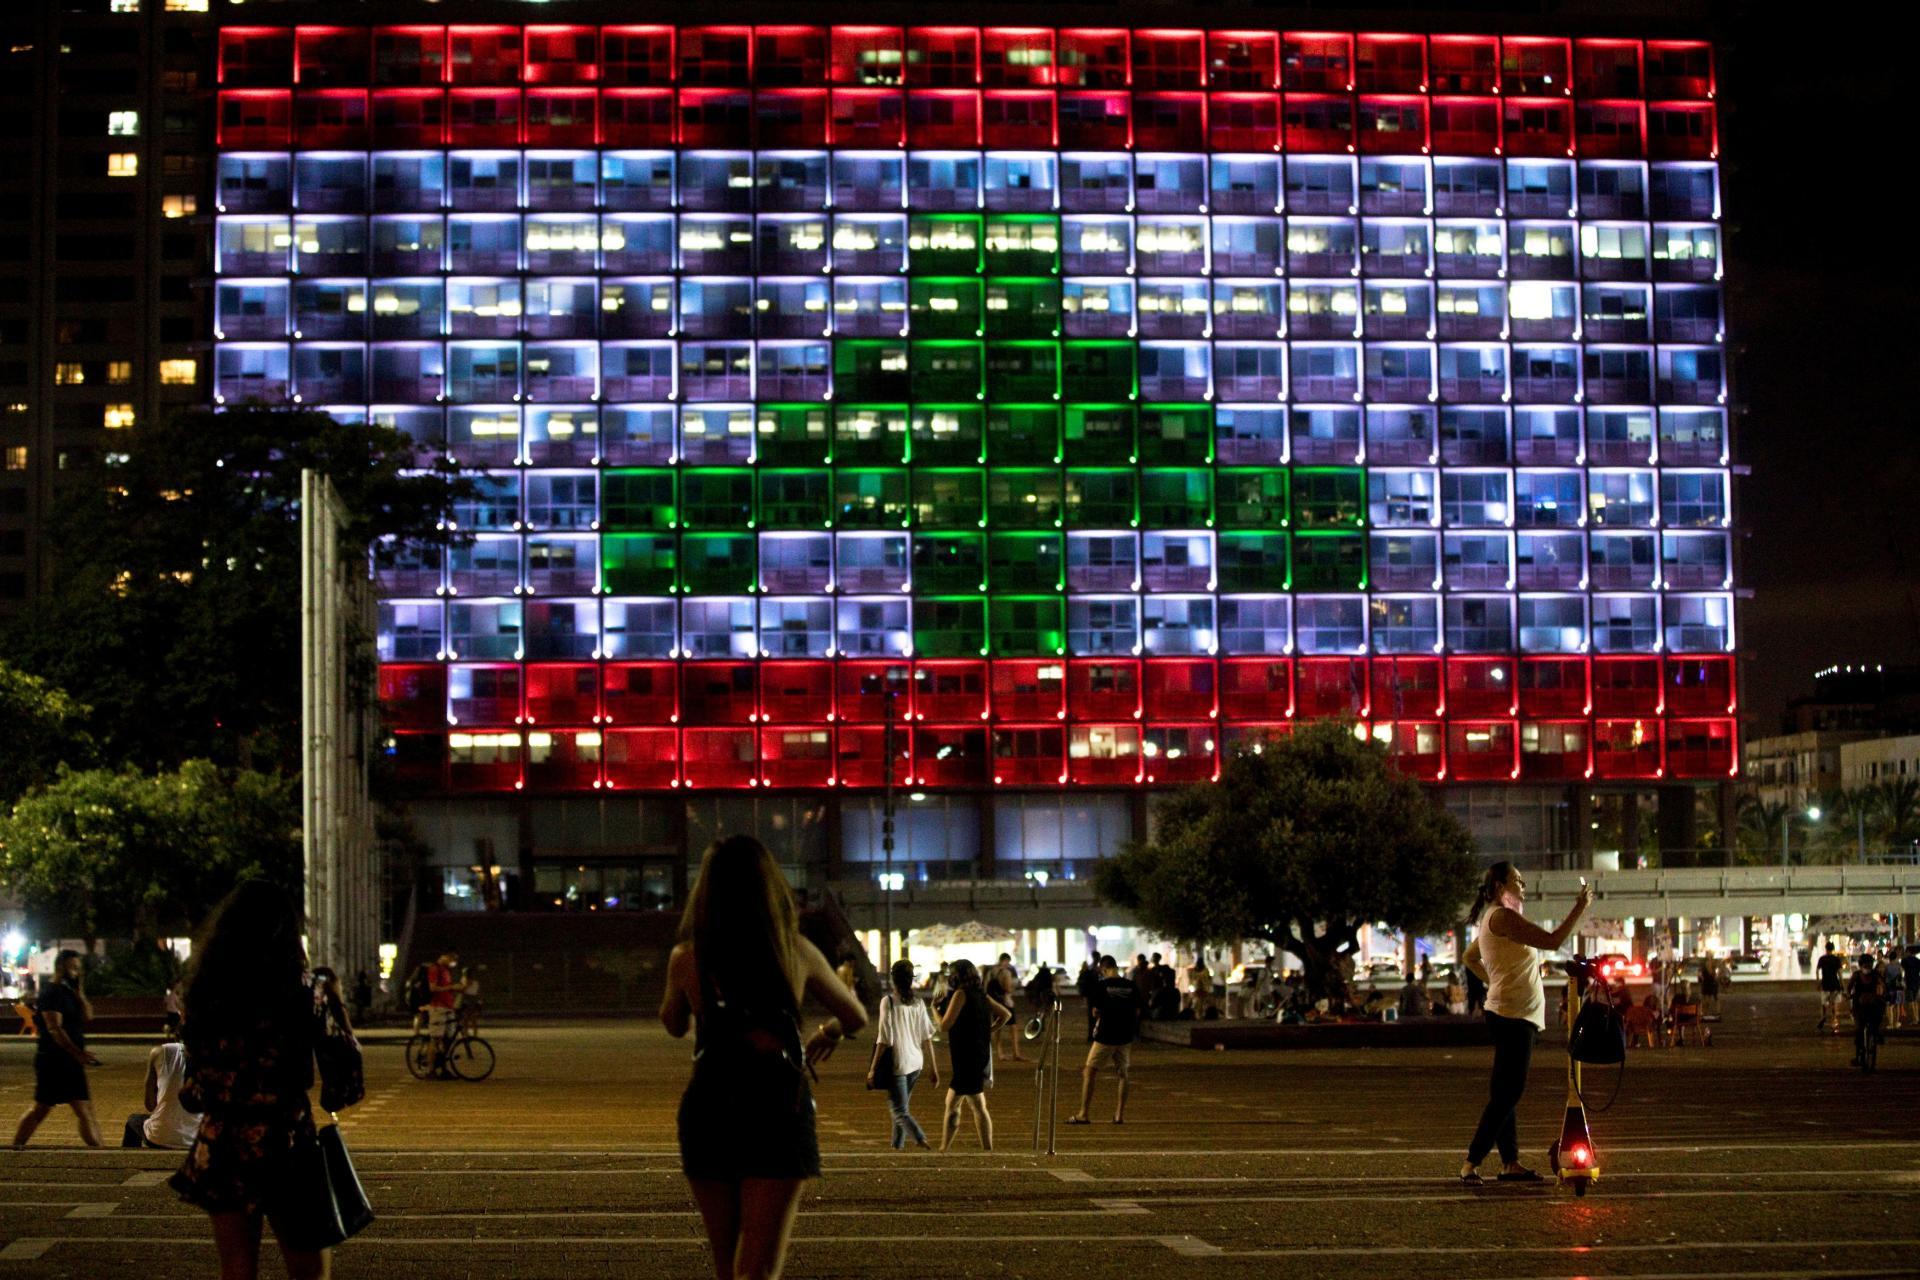 Tel-Aviv, ville voisine israélienne, pays qui est pourtant officiellement en guerre contre le Liban, a illuminé la façade de la mairie aux couleurs du drapeau libanais.